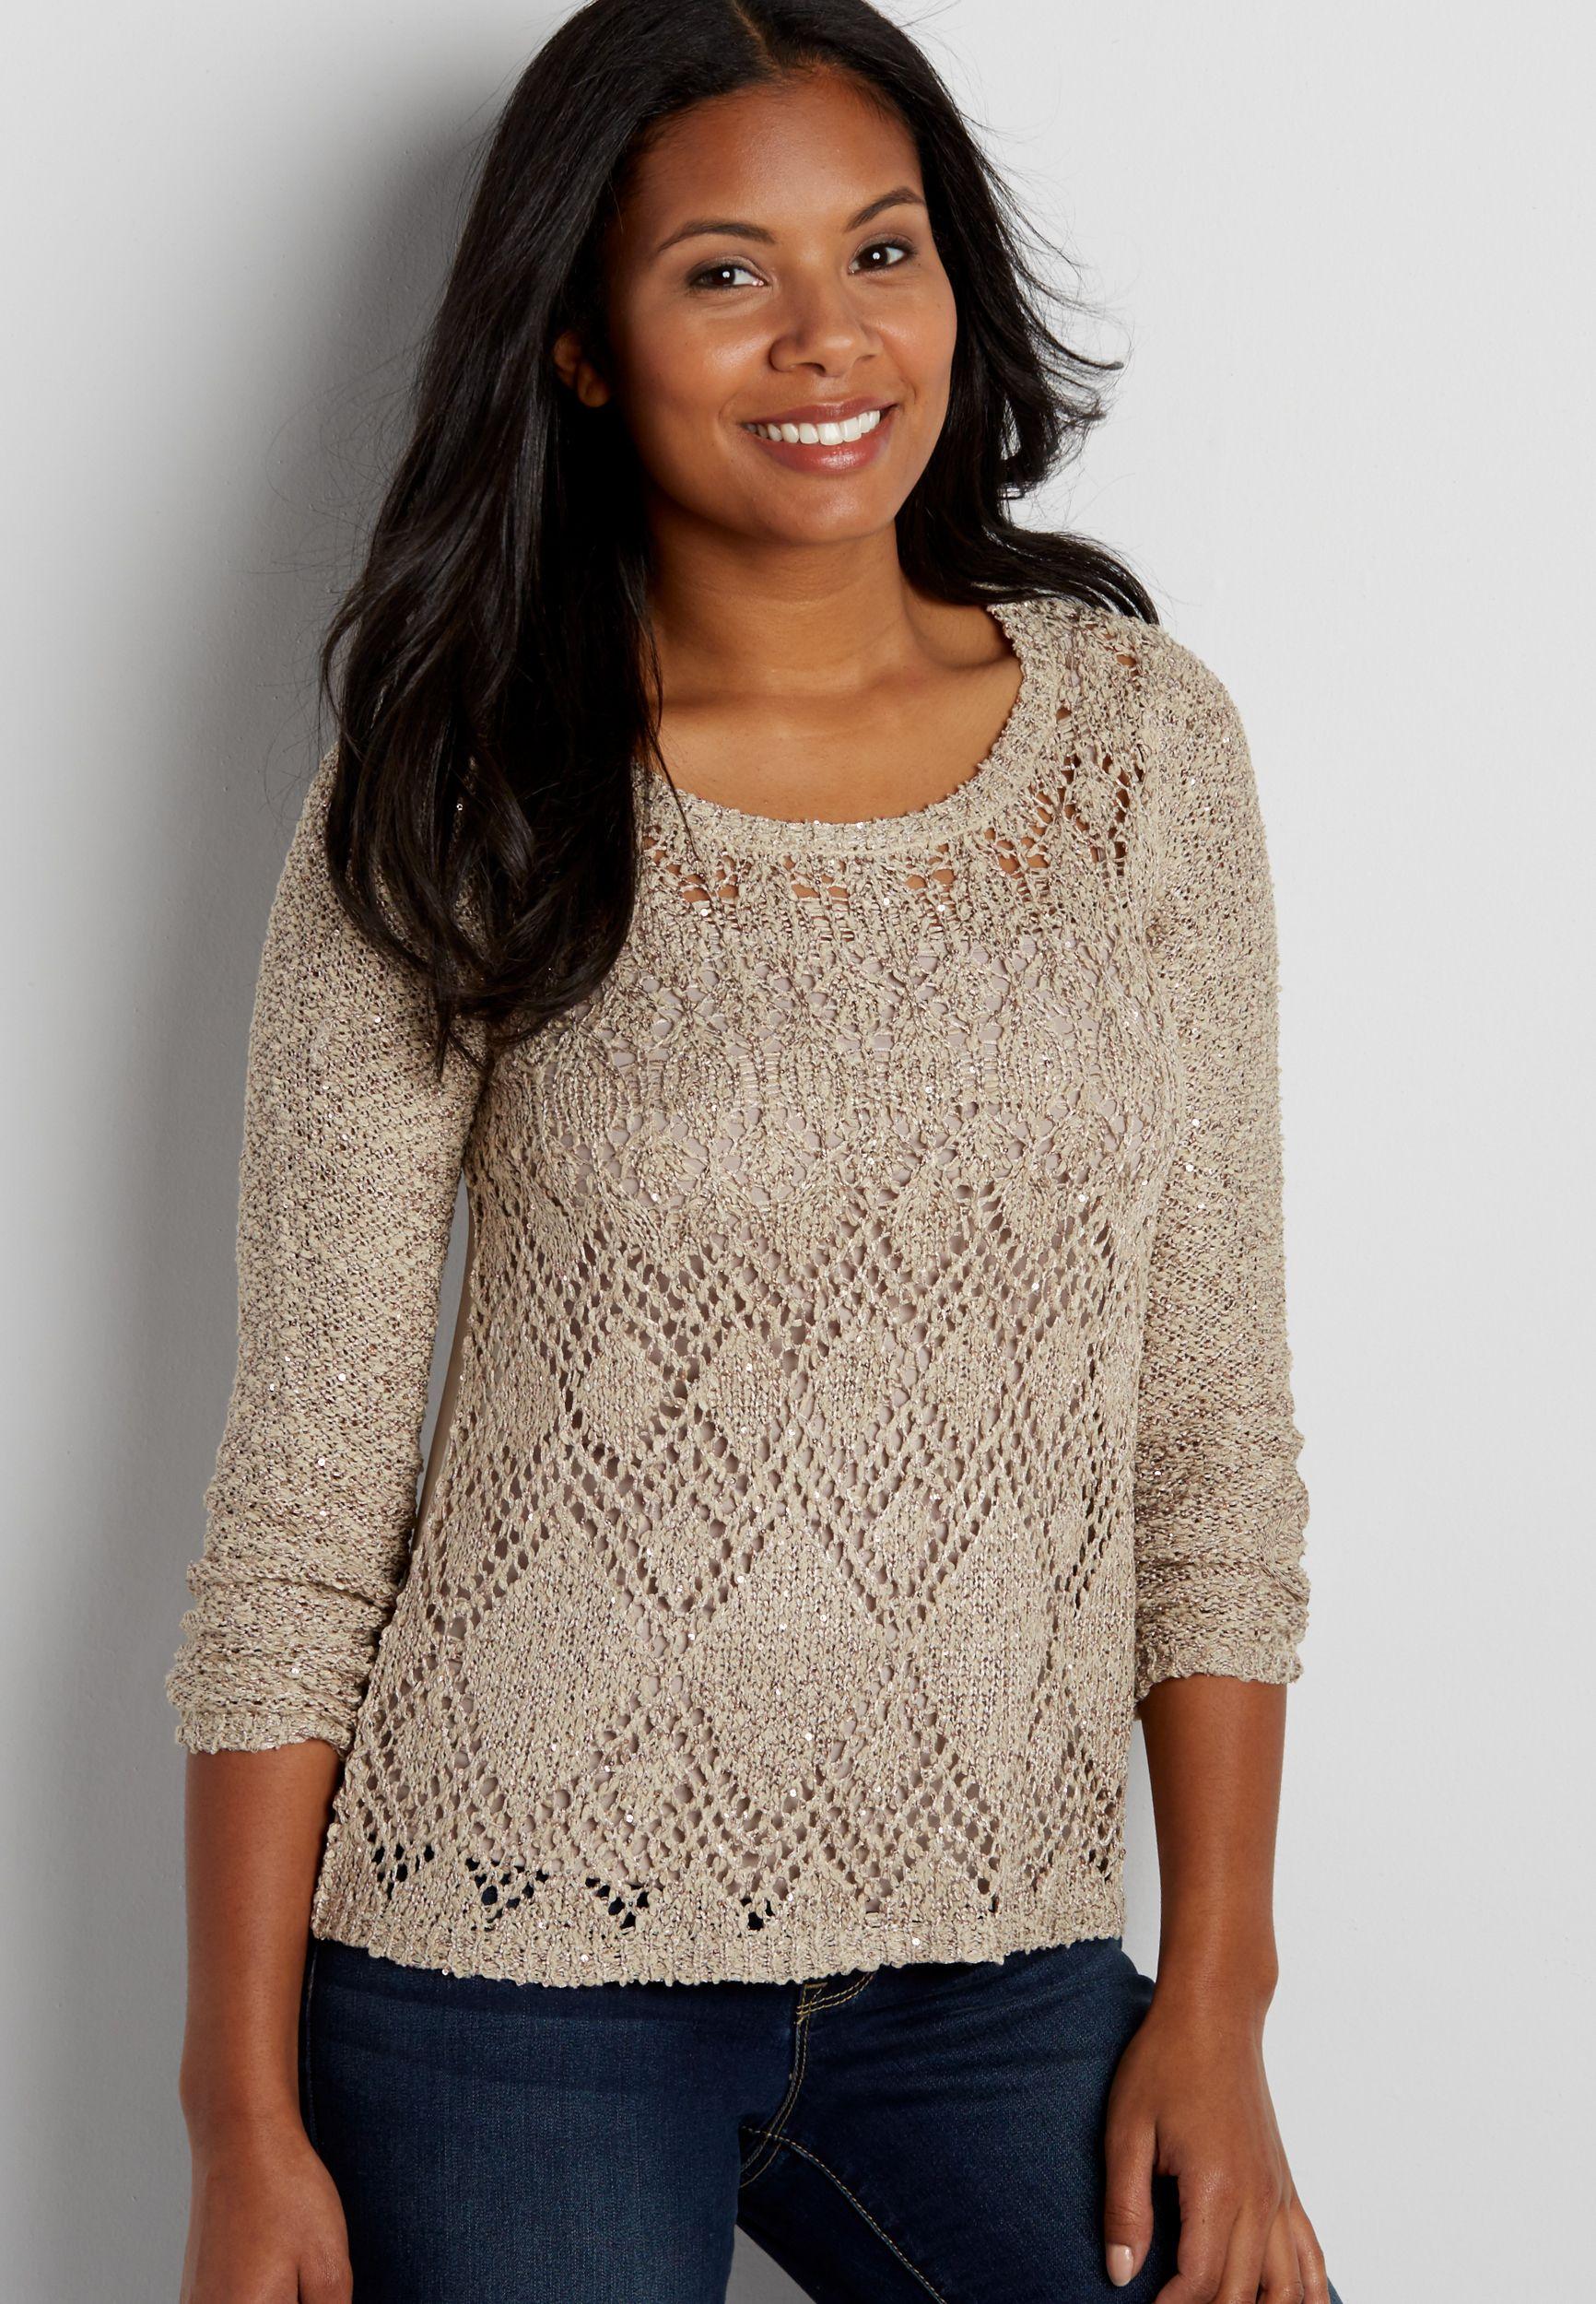 sweater with diamond stitching and chiffon back $39.00  now $23.40